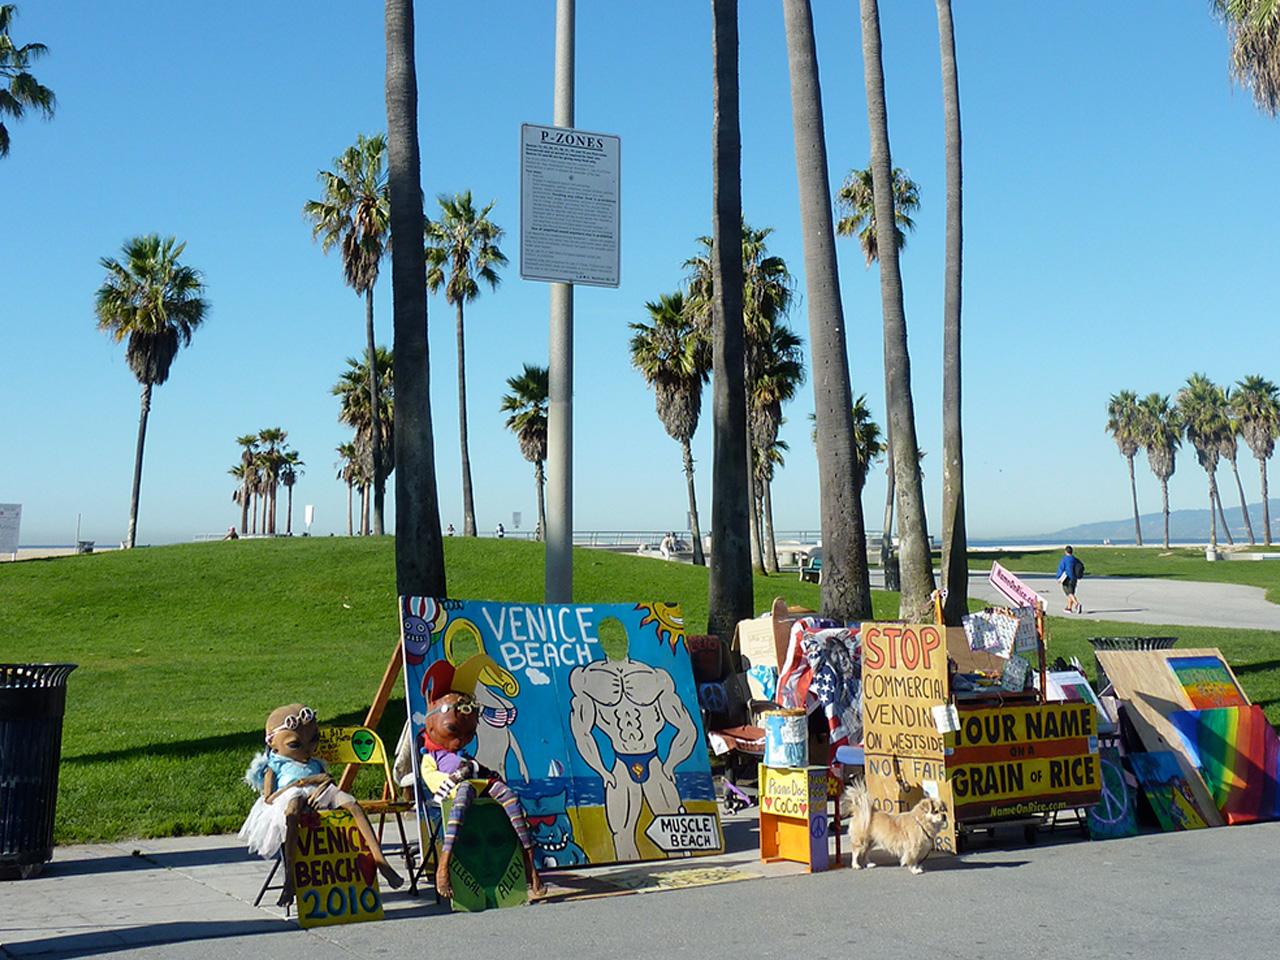 Life's a Show at Venice Beach